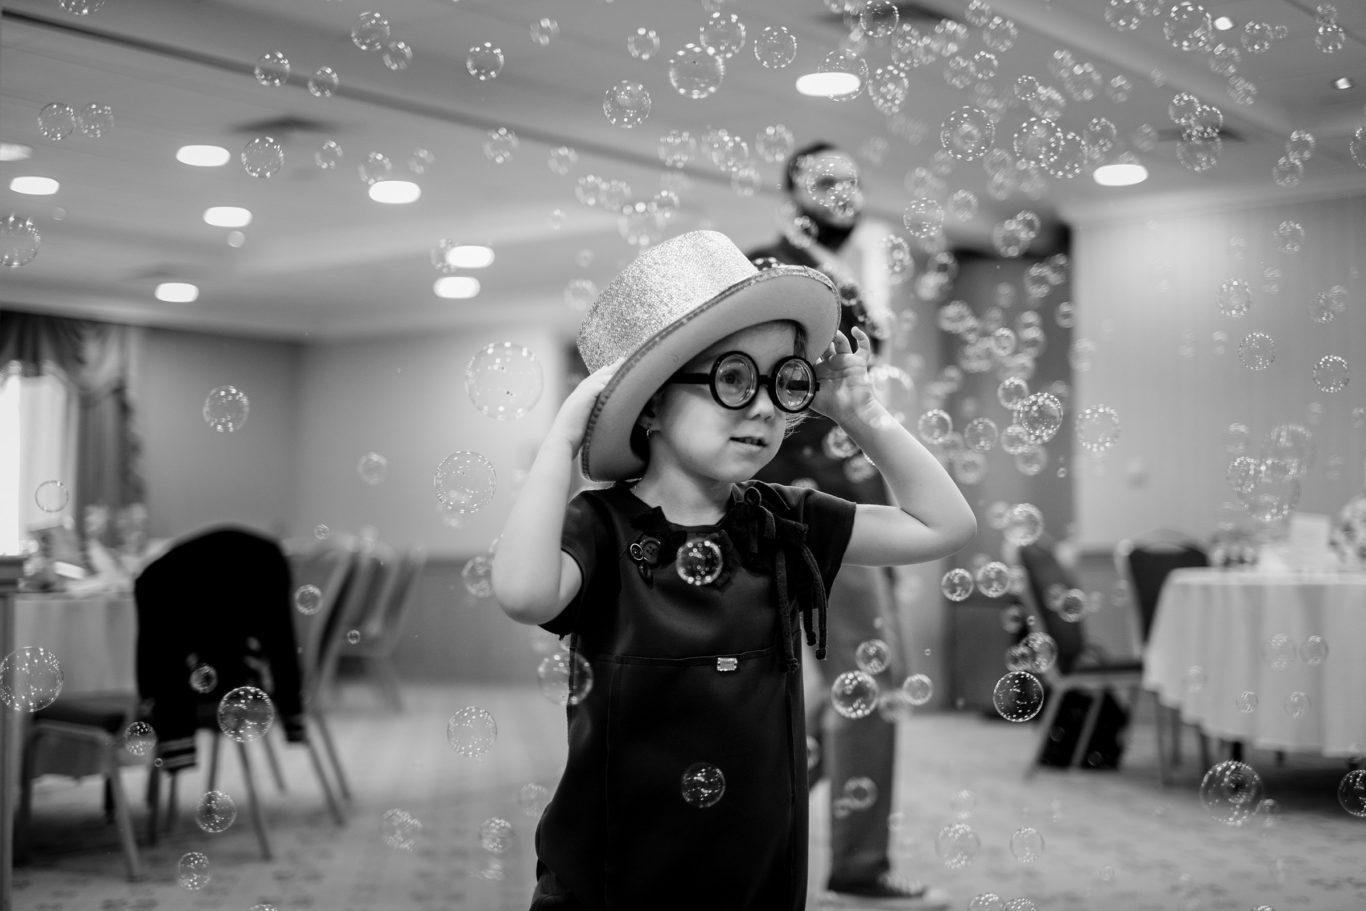 0147-Fotografie-botez-Ava-fotograf-Ciprian-Dumitrescu-DSCF4170